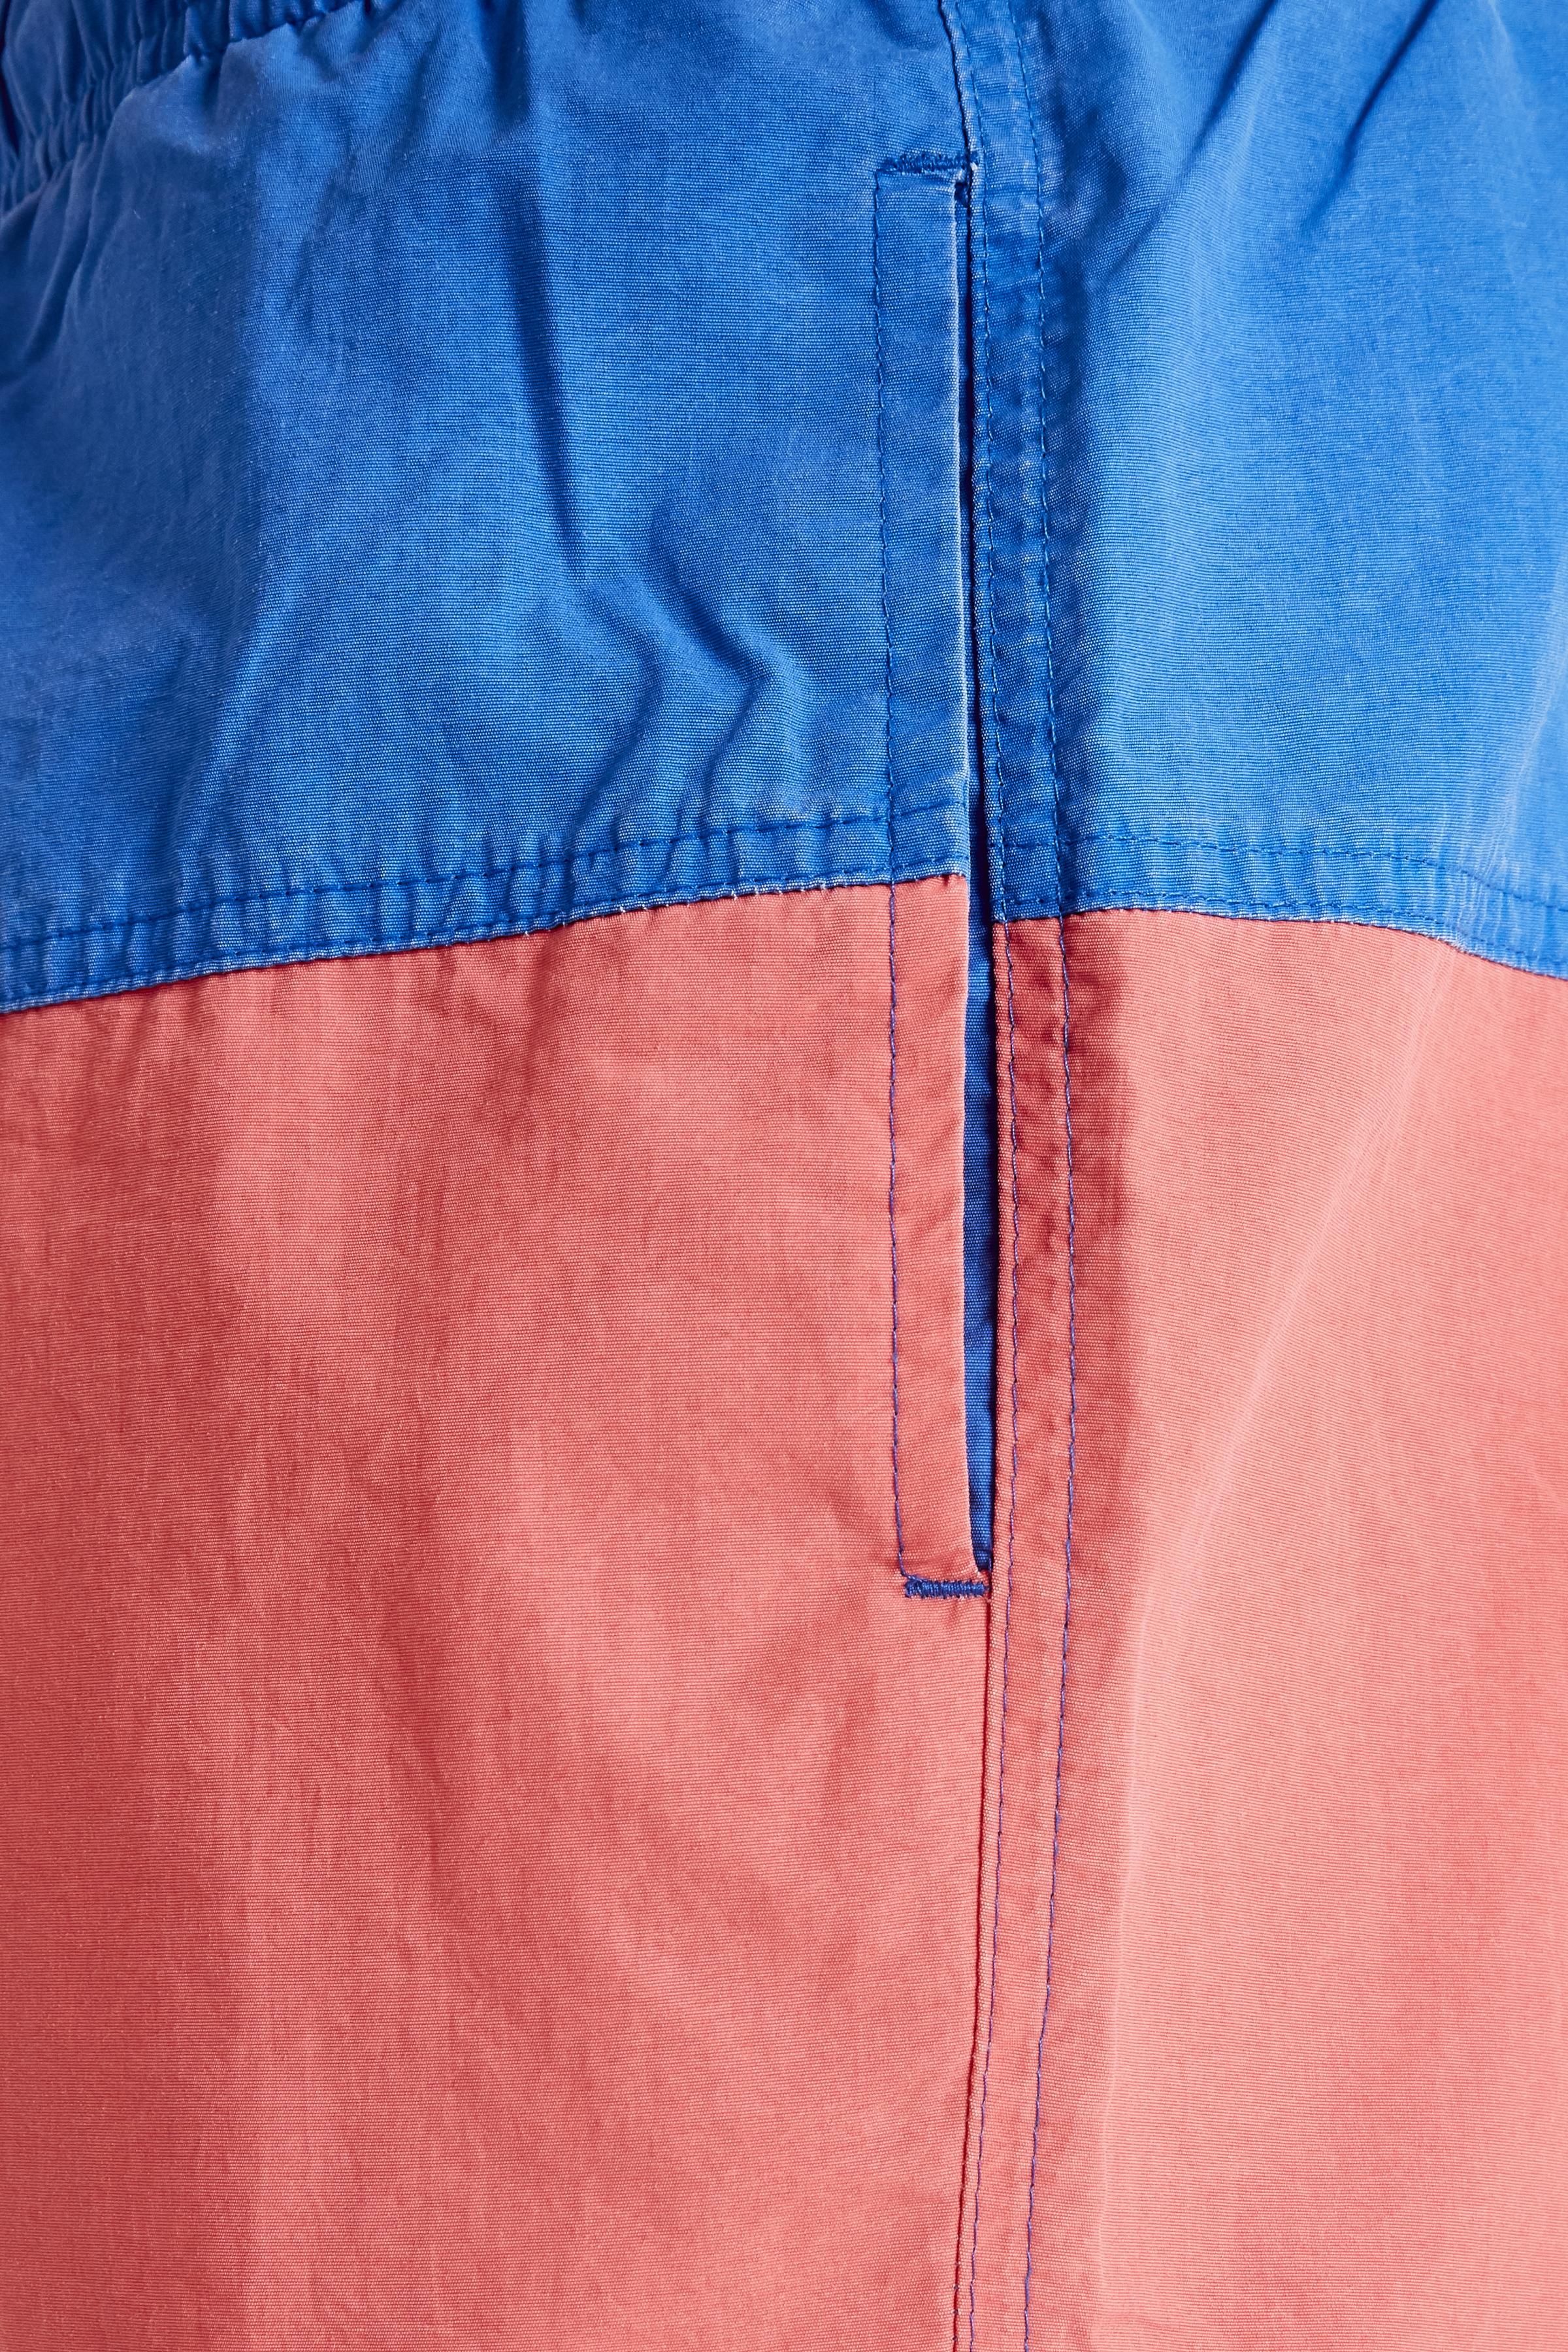 Electric Blue Badetøj – Køb Electric Blue Badetøj fra str. S-XXL her